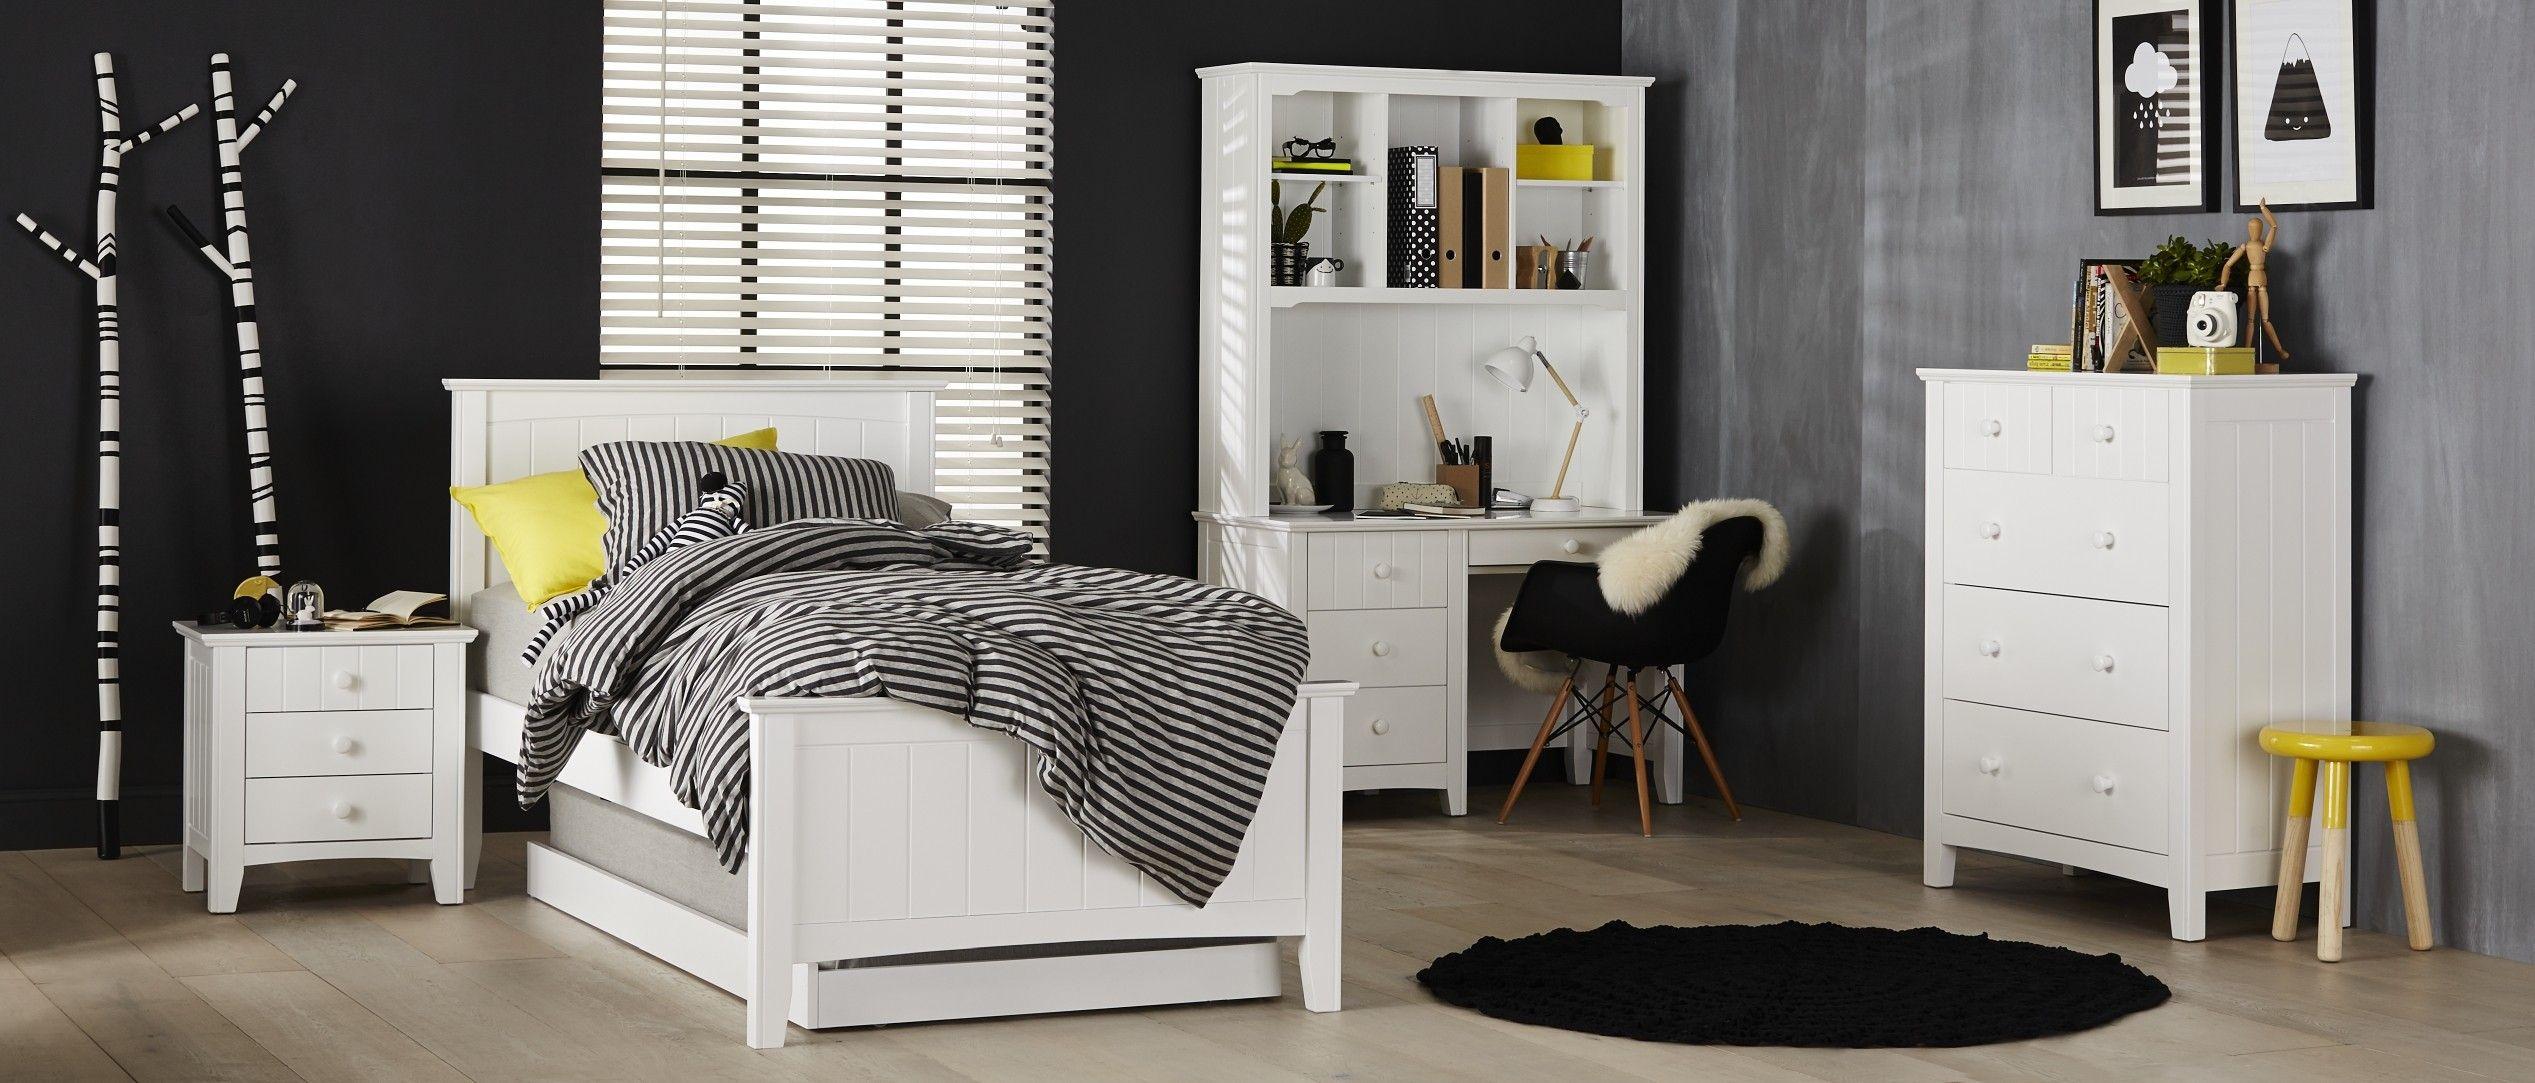 Noah Bedroom Furniture - Every tweens dream is realised with ...